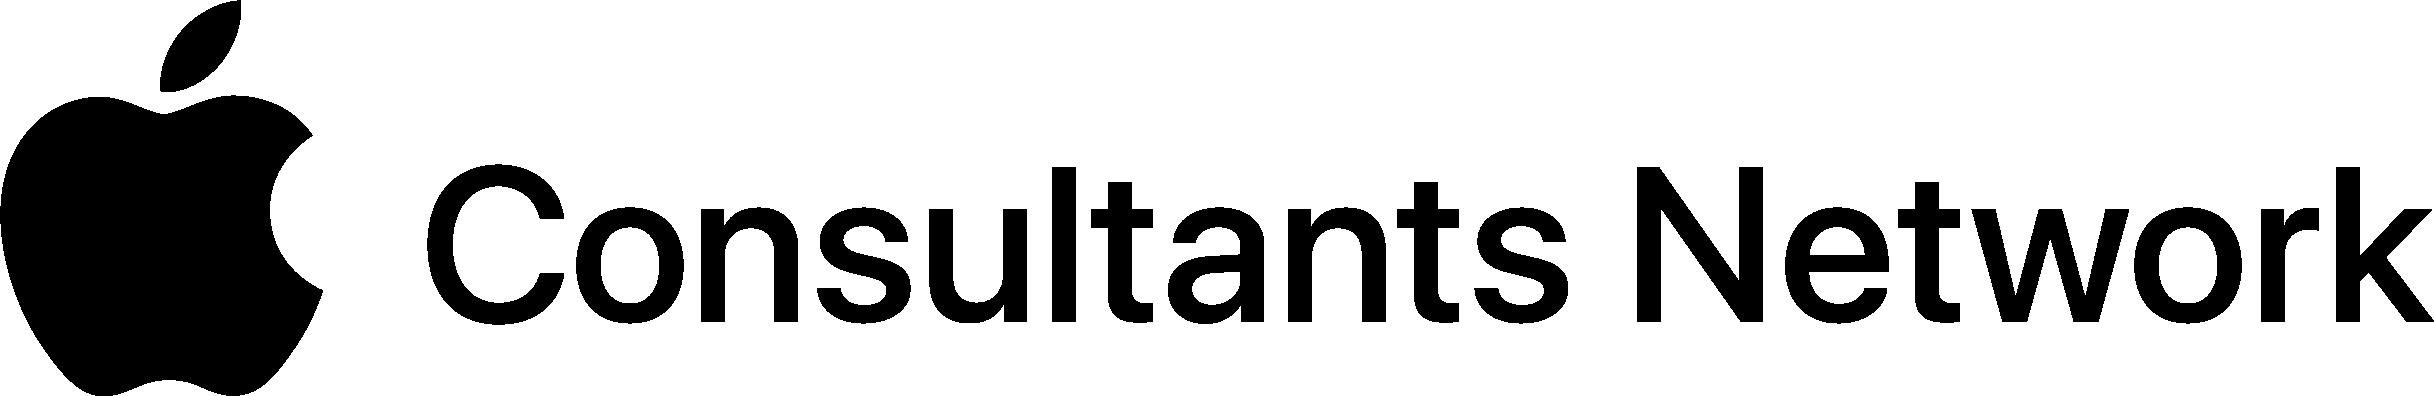 ACN-1ln-blk